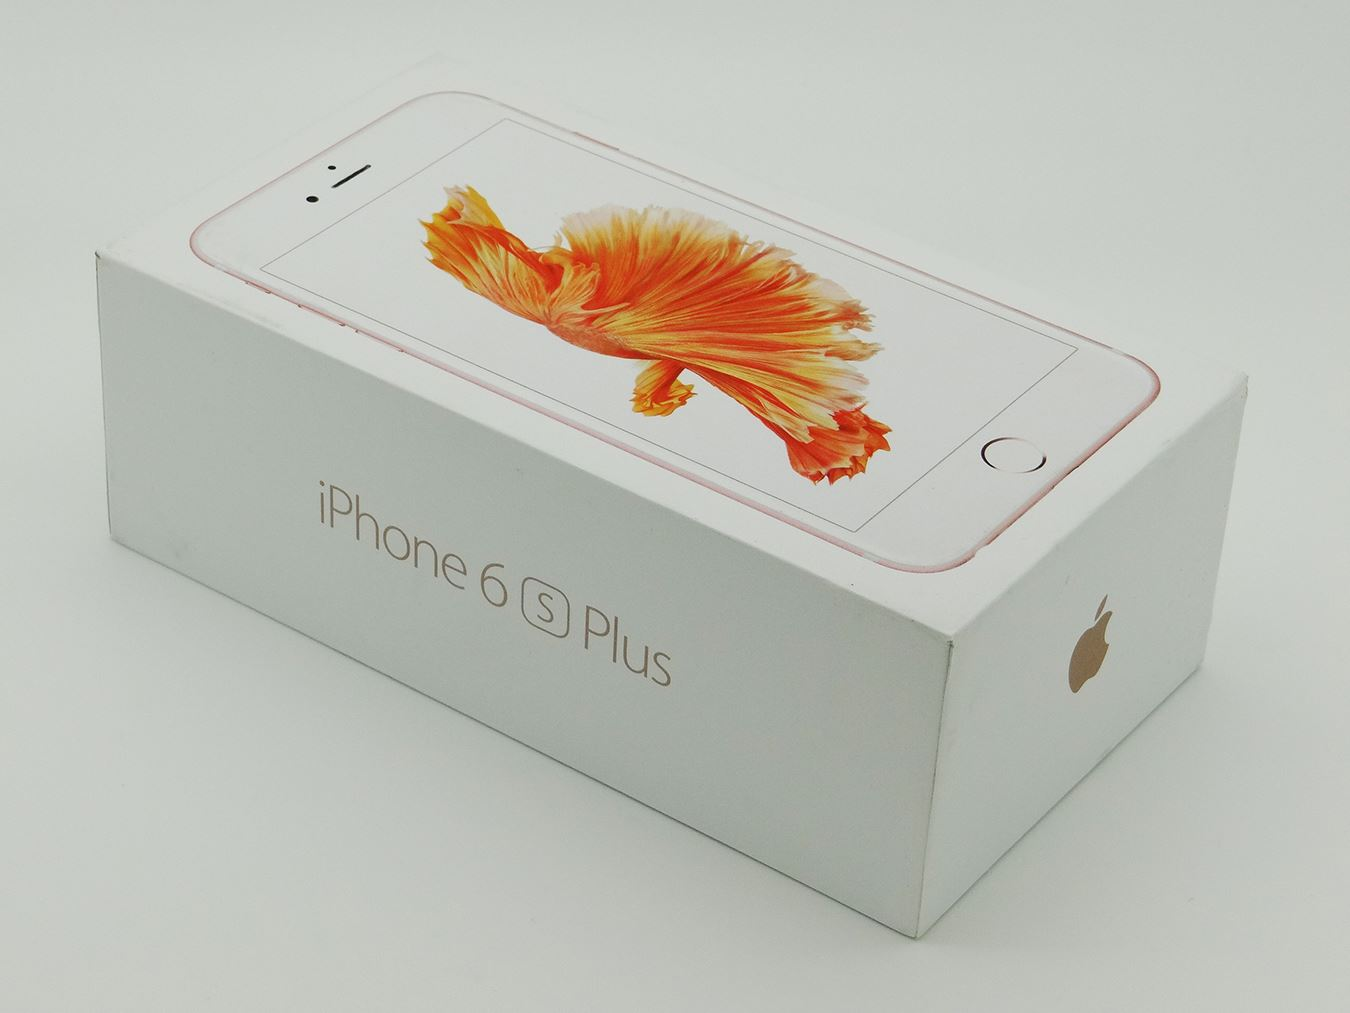 Apple Iphone 6s Plus Gold - Eu Spec